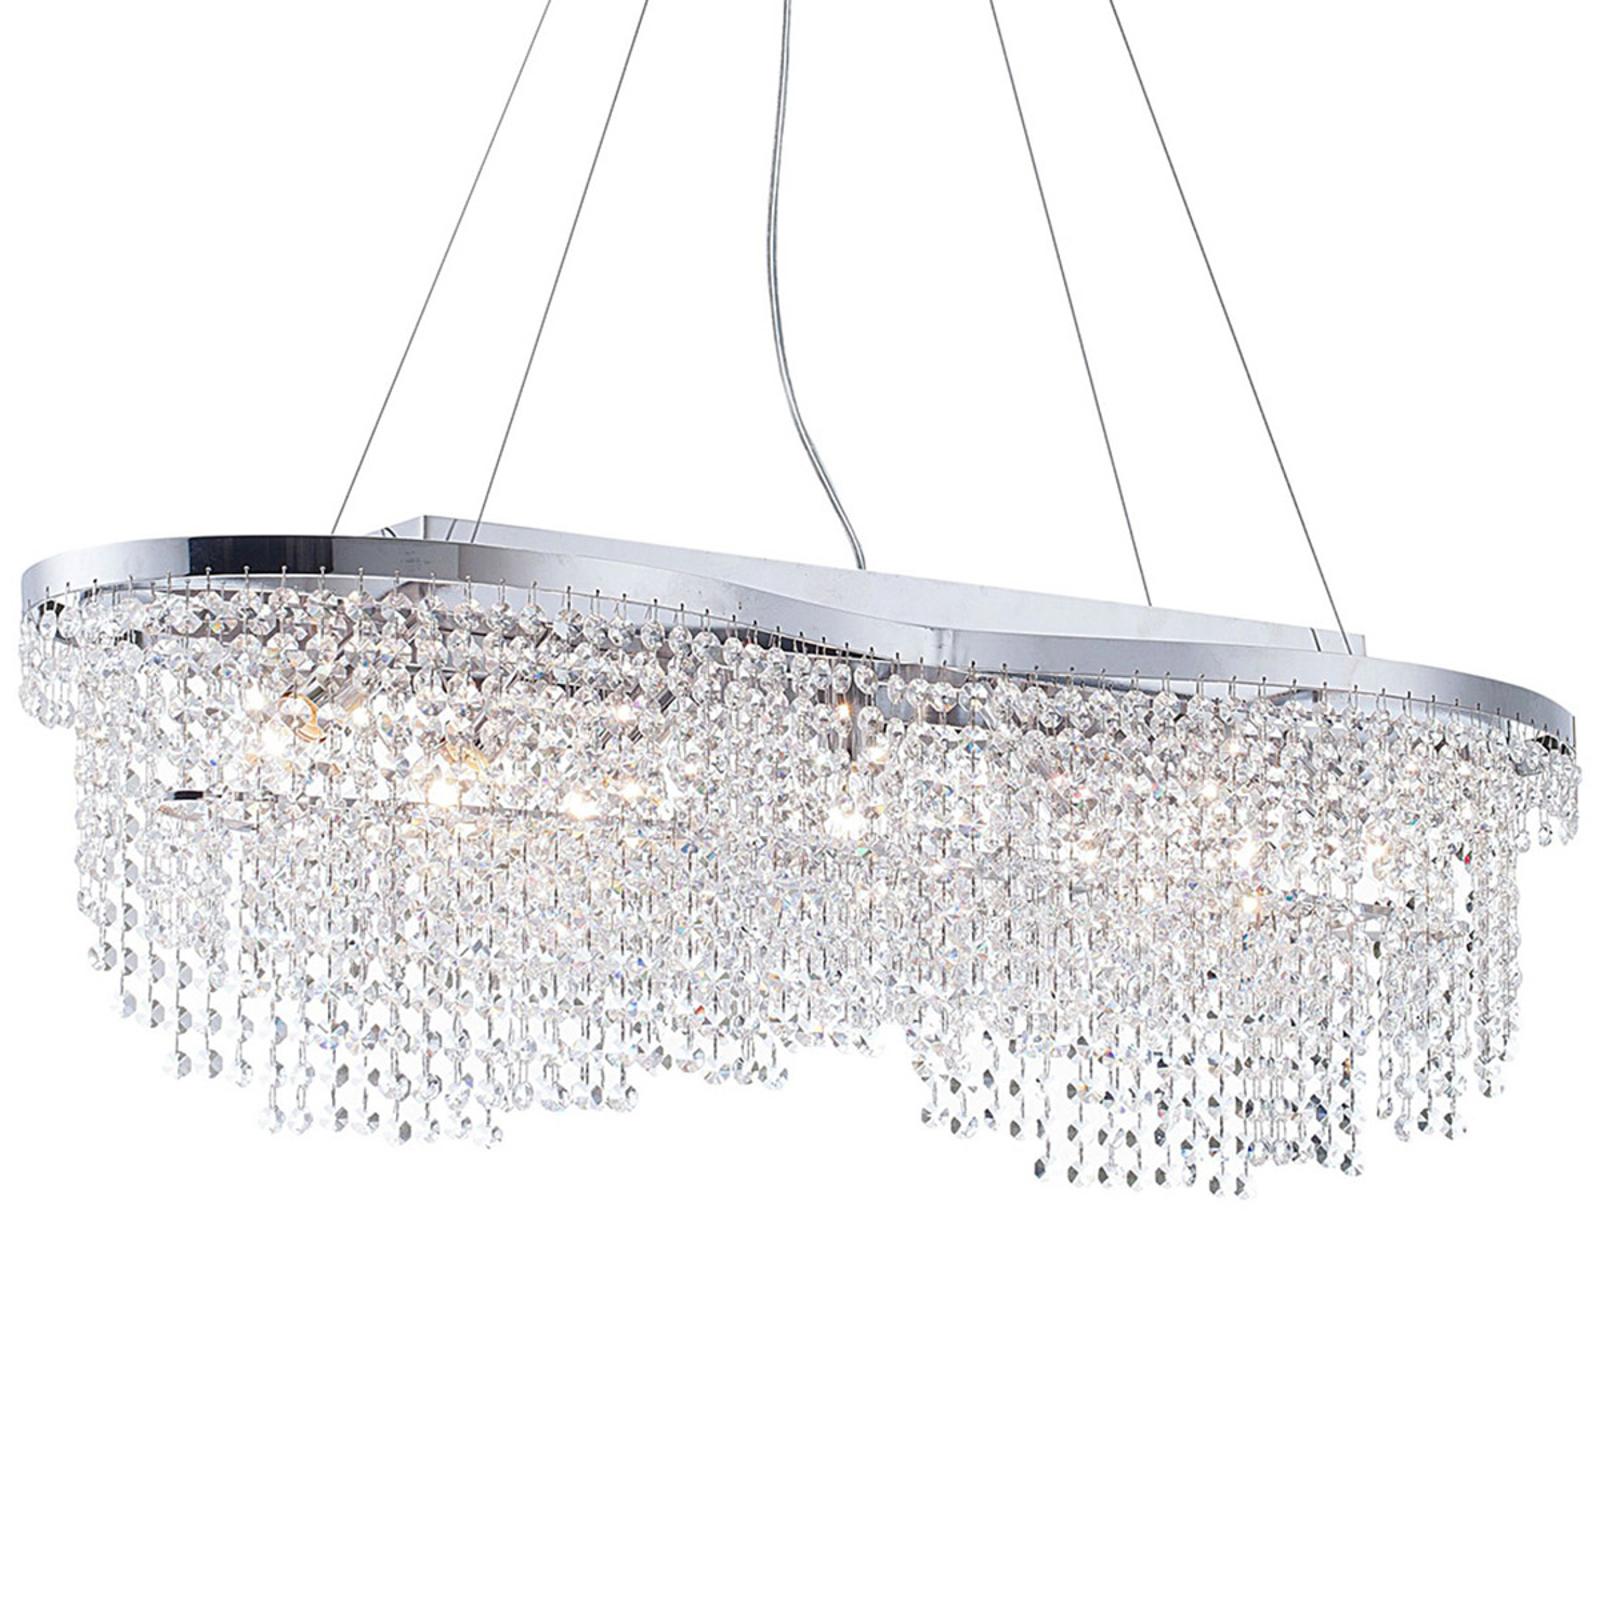 Lampa wisząca Toils z kryształami, chom